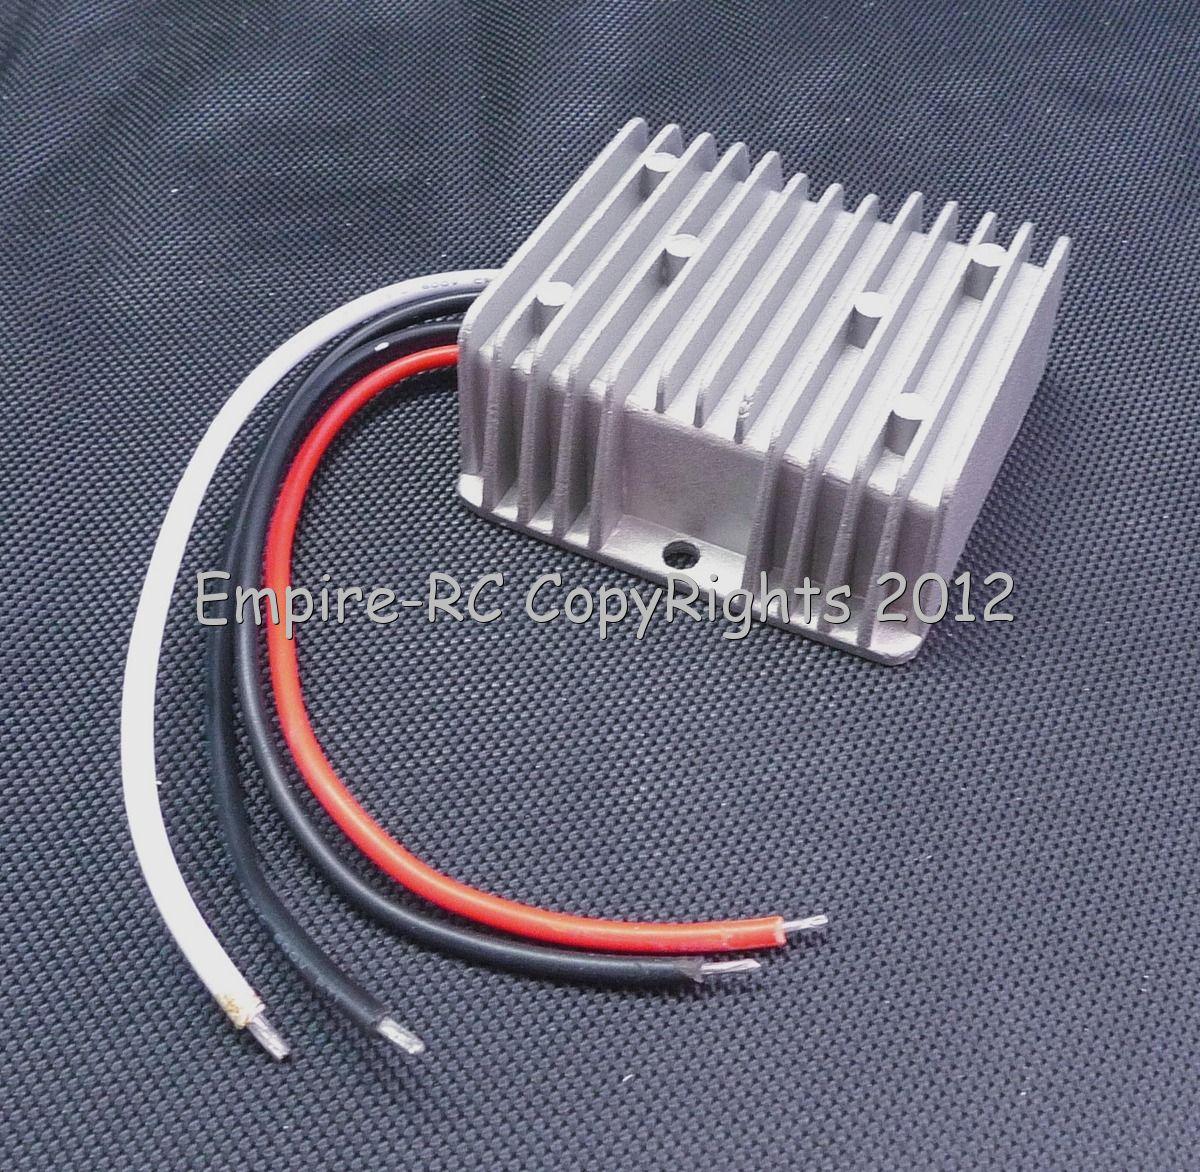 dc 12v 24v to 7 5v) (20a 150w) (step down) dc dc power converterdoes not apply